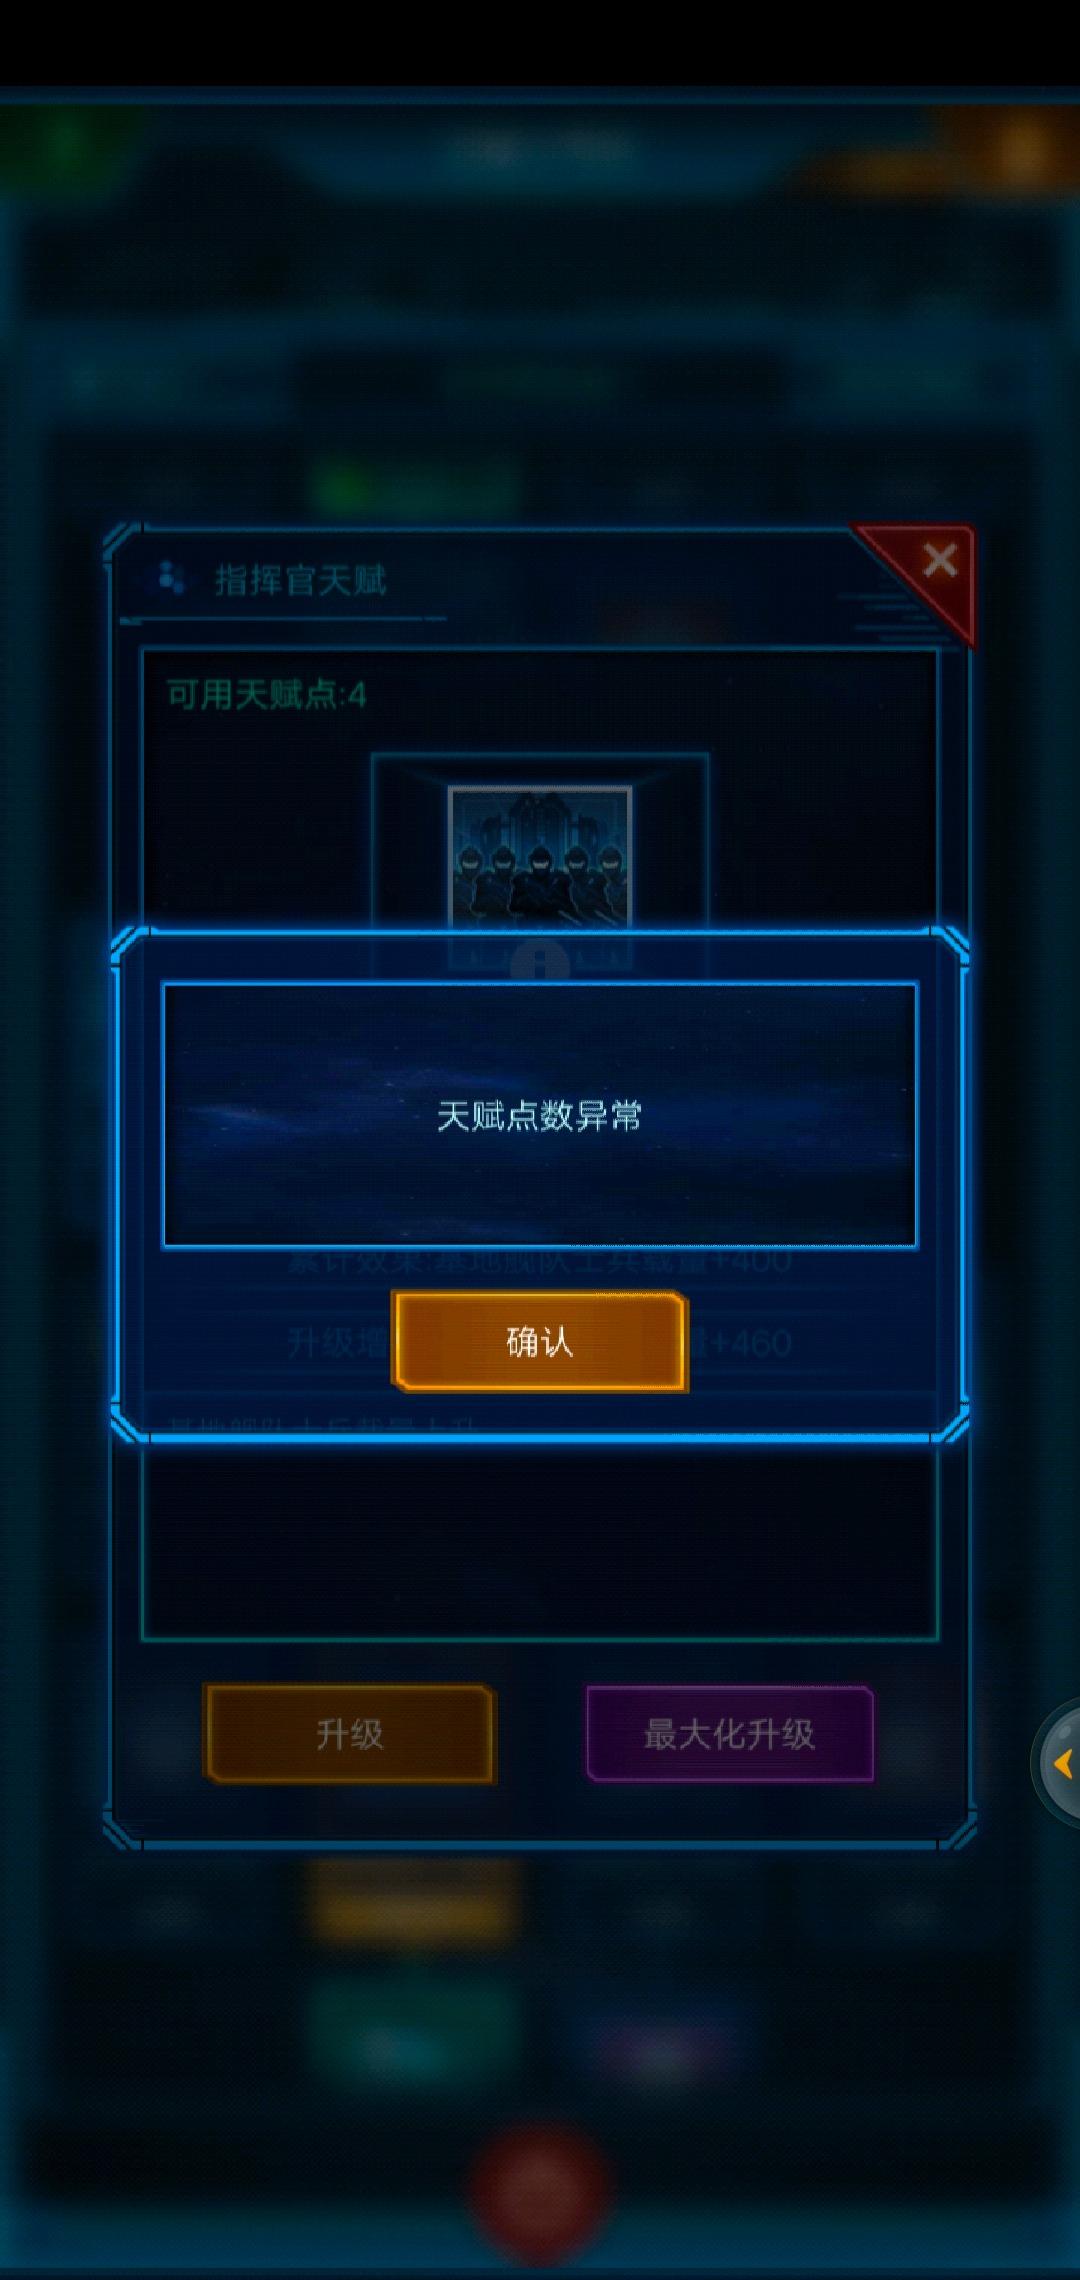 Screenshot_20190504_222739.jpg